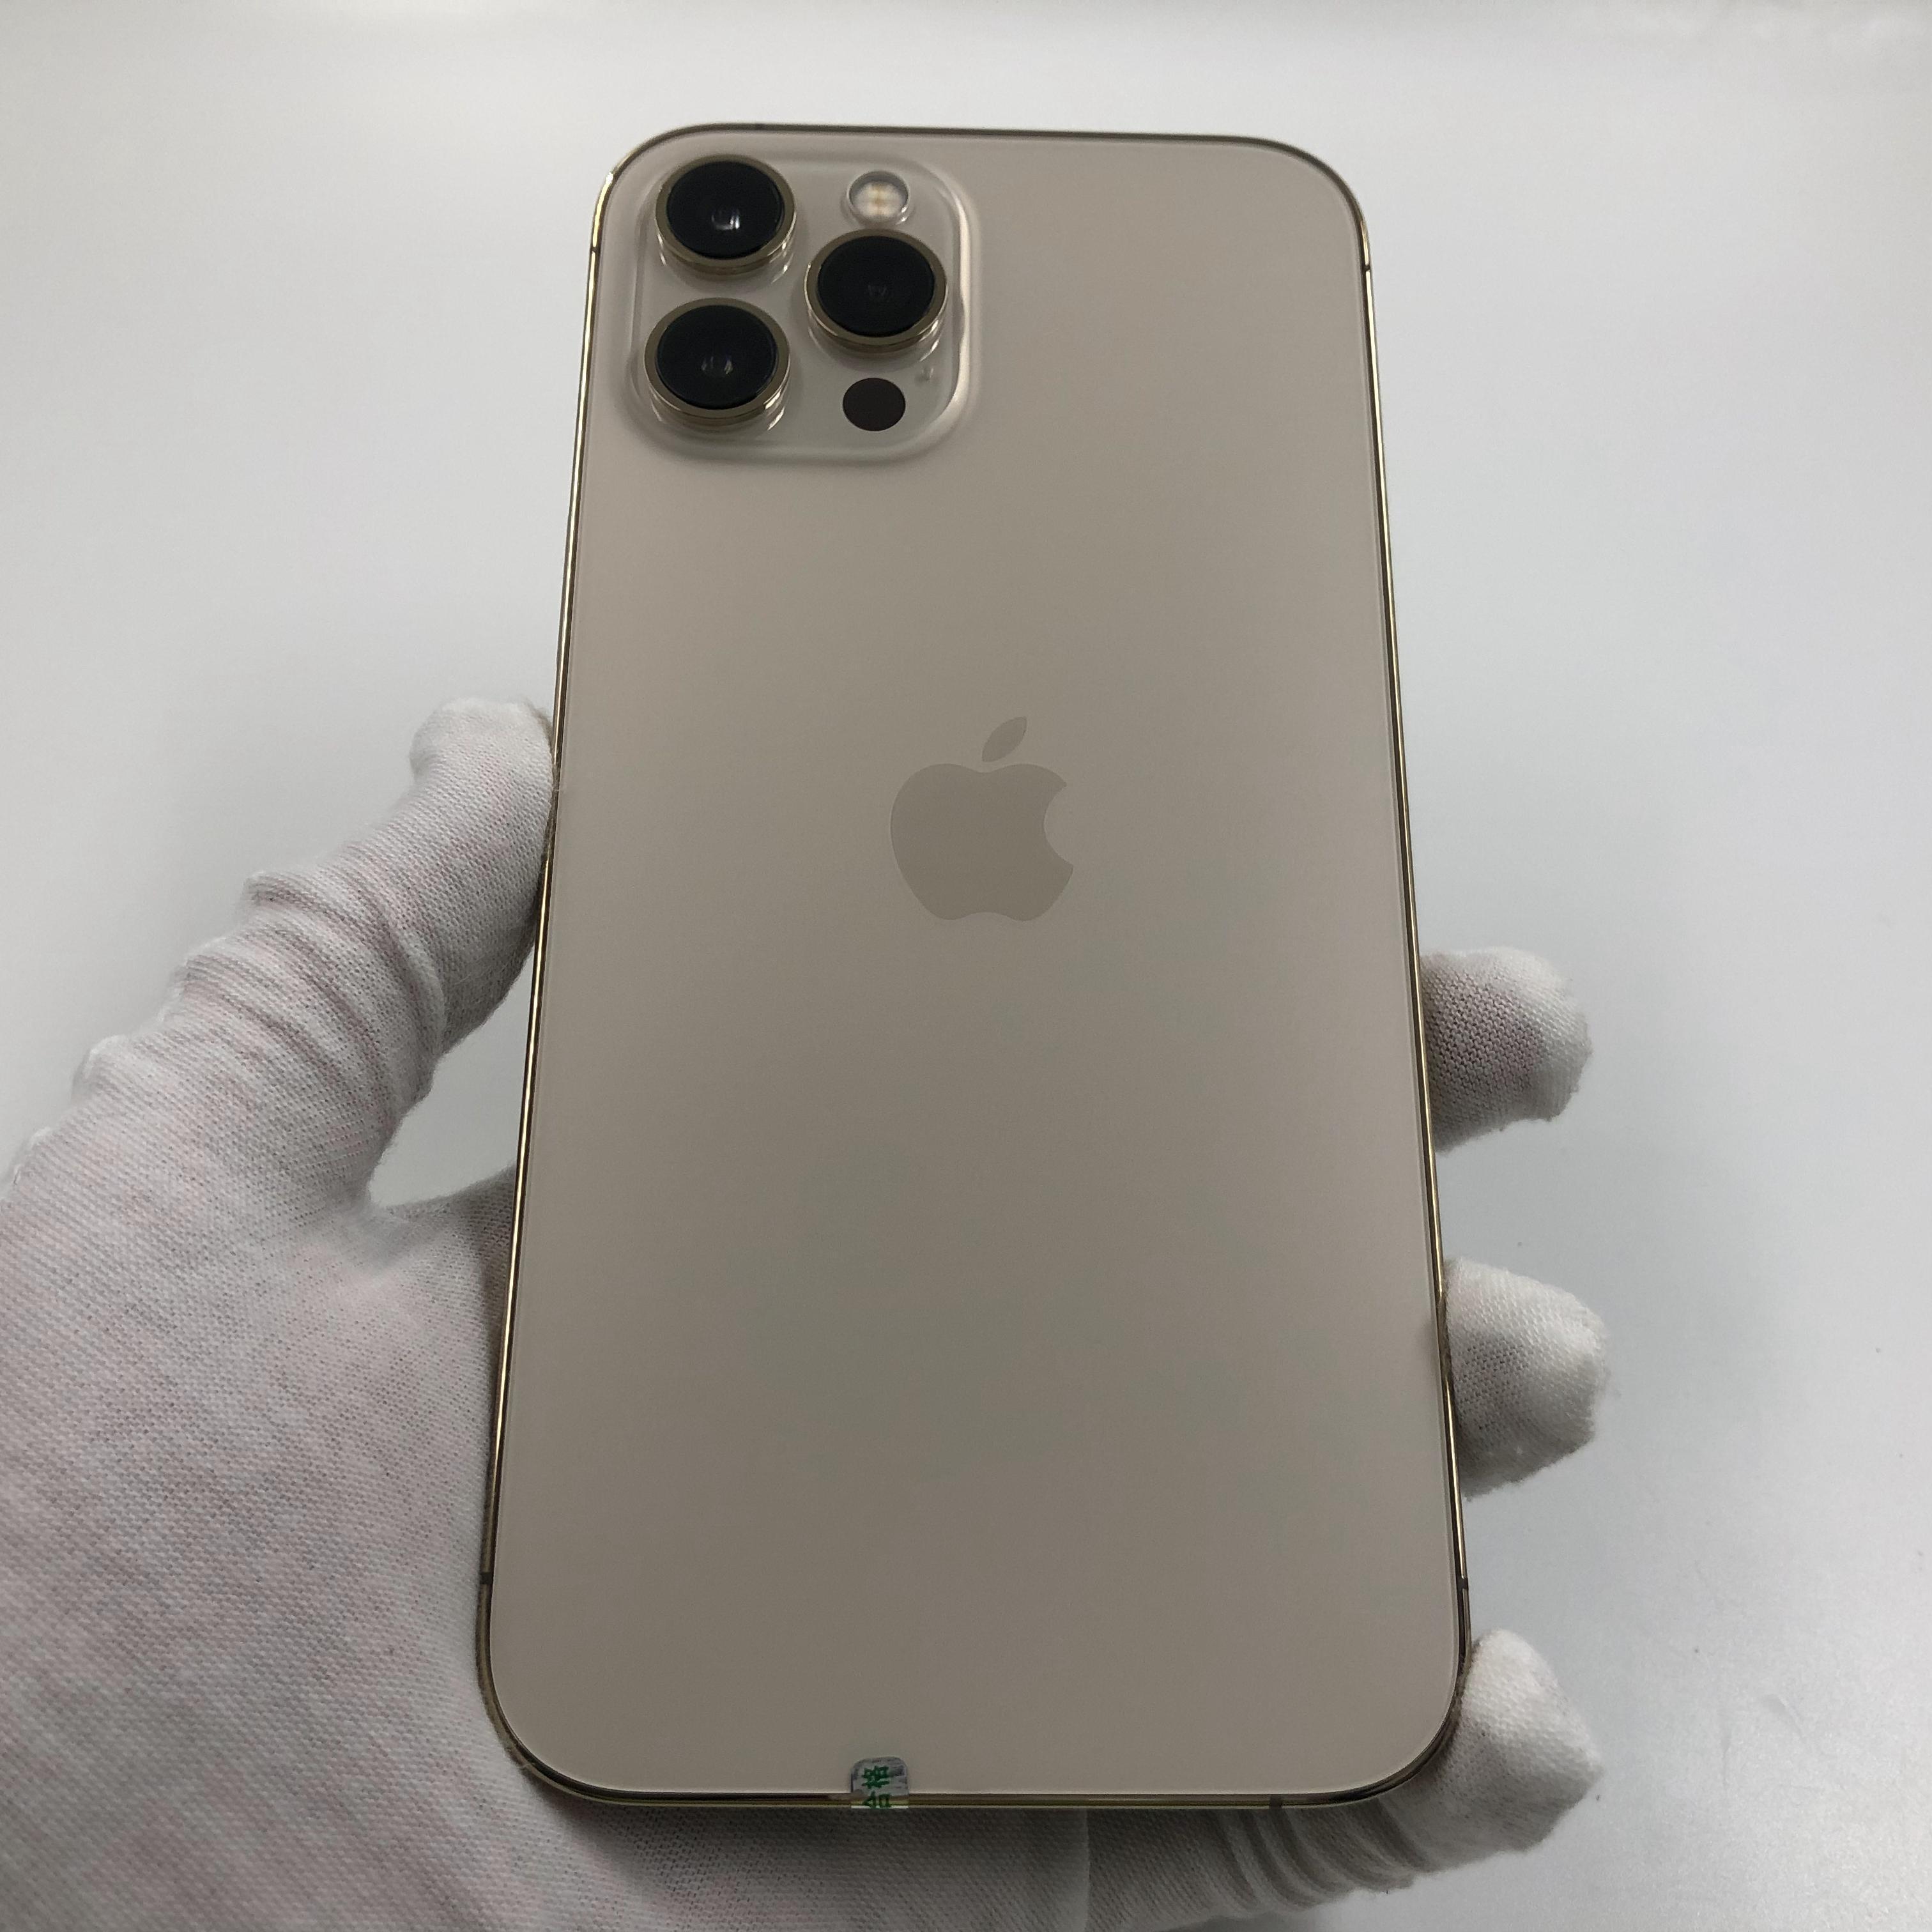 苹果【iPhone 12 Pro Max】5G全网通 金色 256G 国行 99新 真机实拍官保2022-01-21